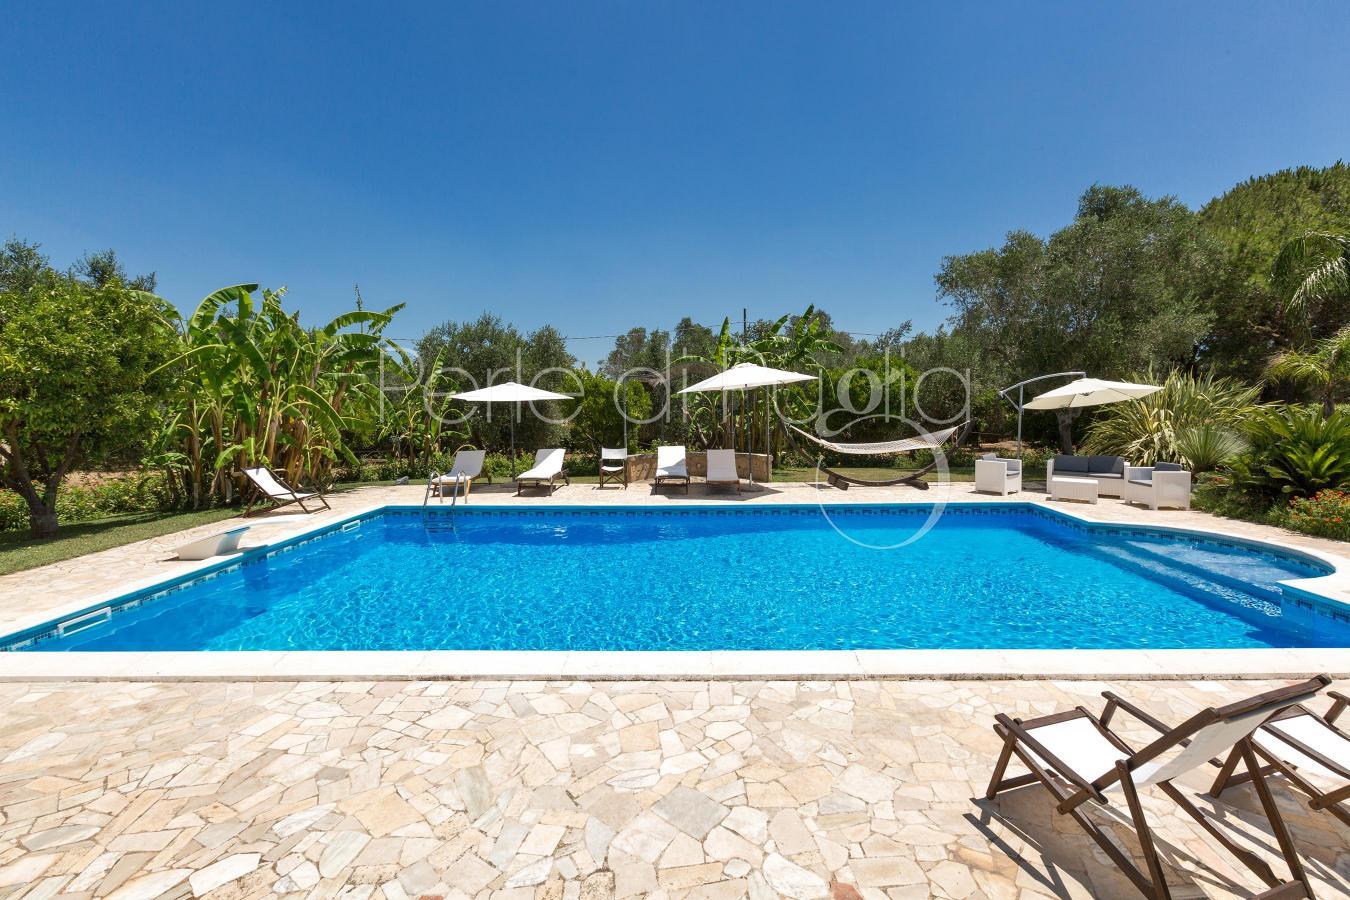 Casa con piscina vicino gallipoli attico vita - Attico con piscina ...